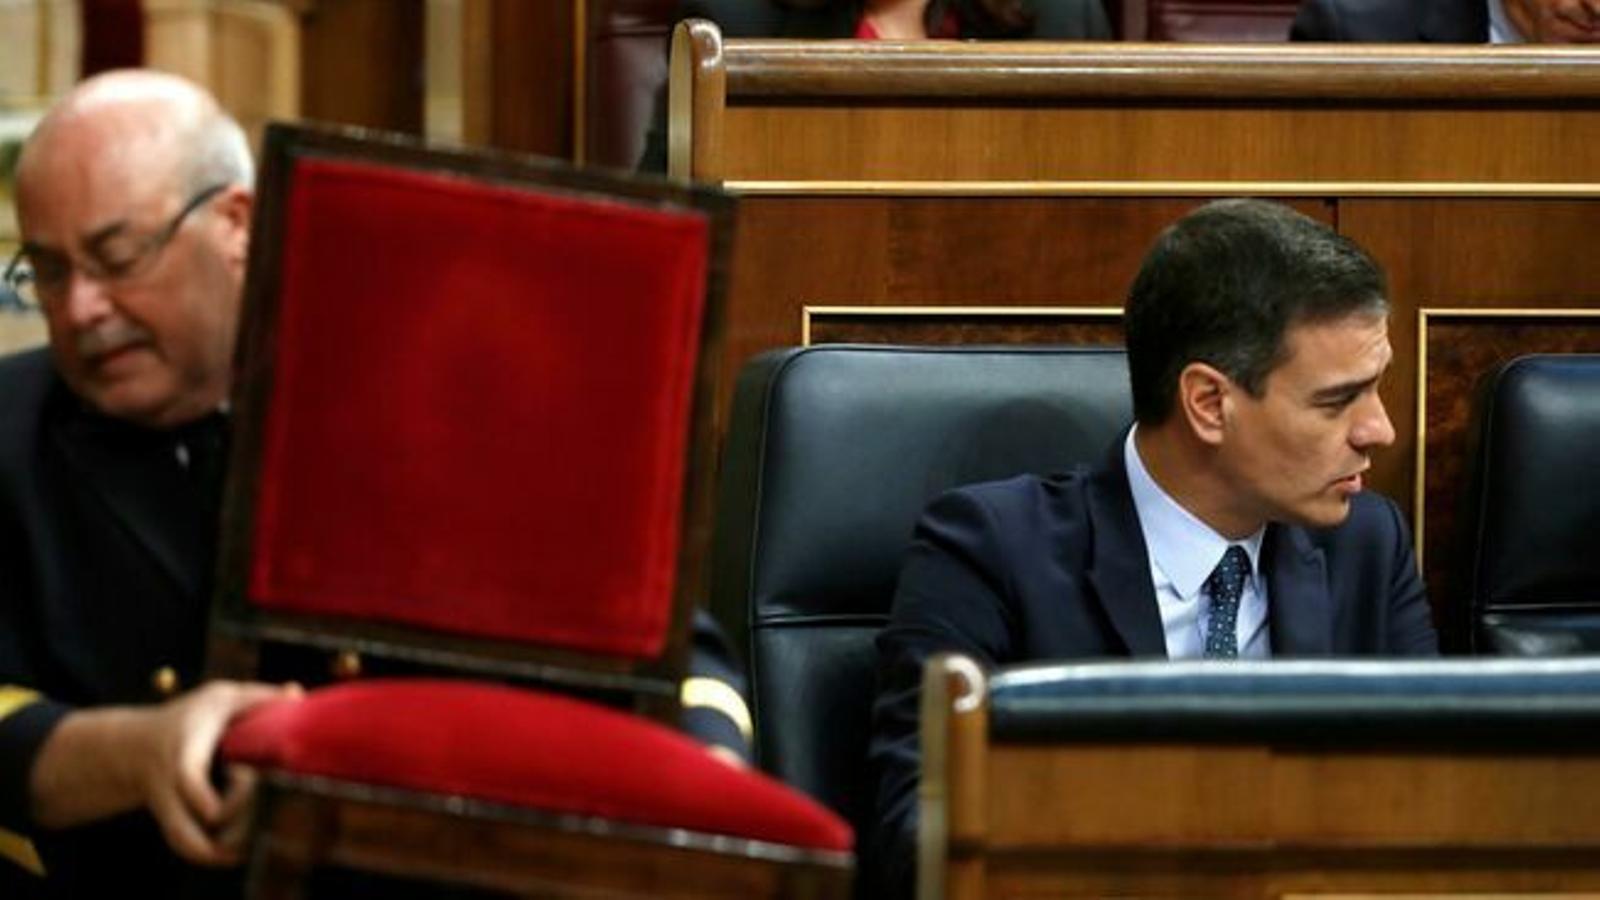 Més de 500.000 signatures perquè diputats i senadors renunciïn a la seva indemnització per la dissolució de Corts